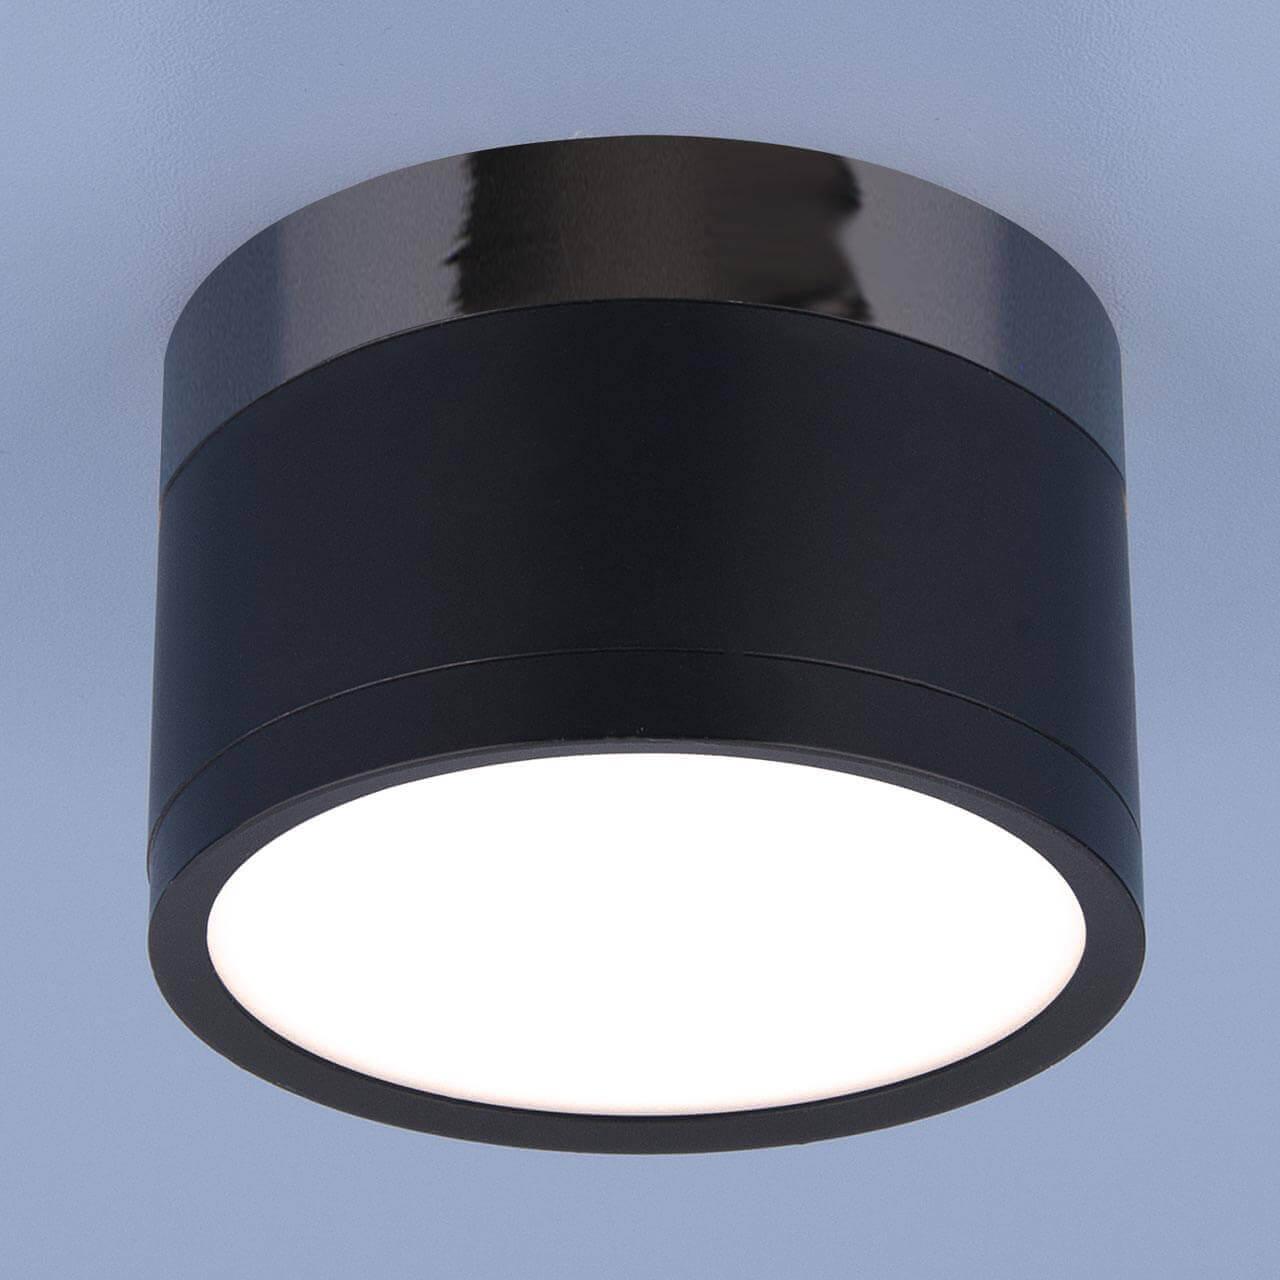 Потолочный светодиодный светильник Elektrostandard DLR029 10W 4200K черный матовый 4690389122019 elektrostandard dss002 10w 4200k